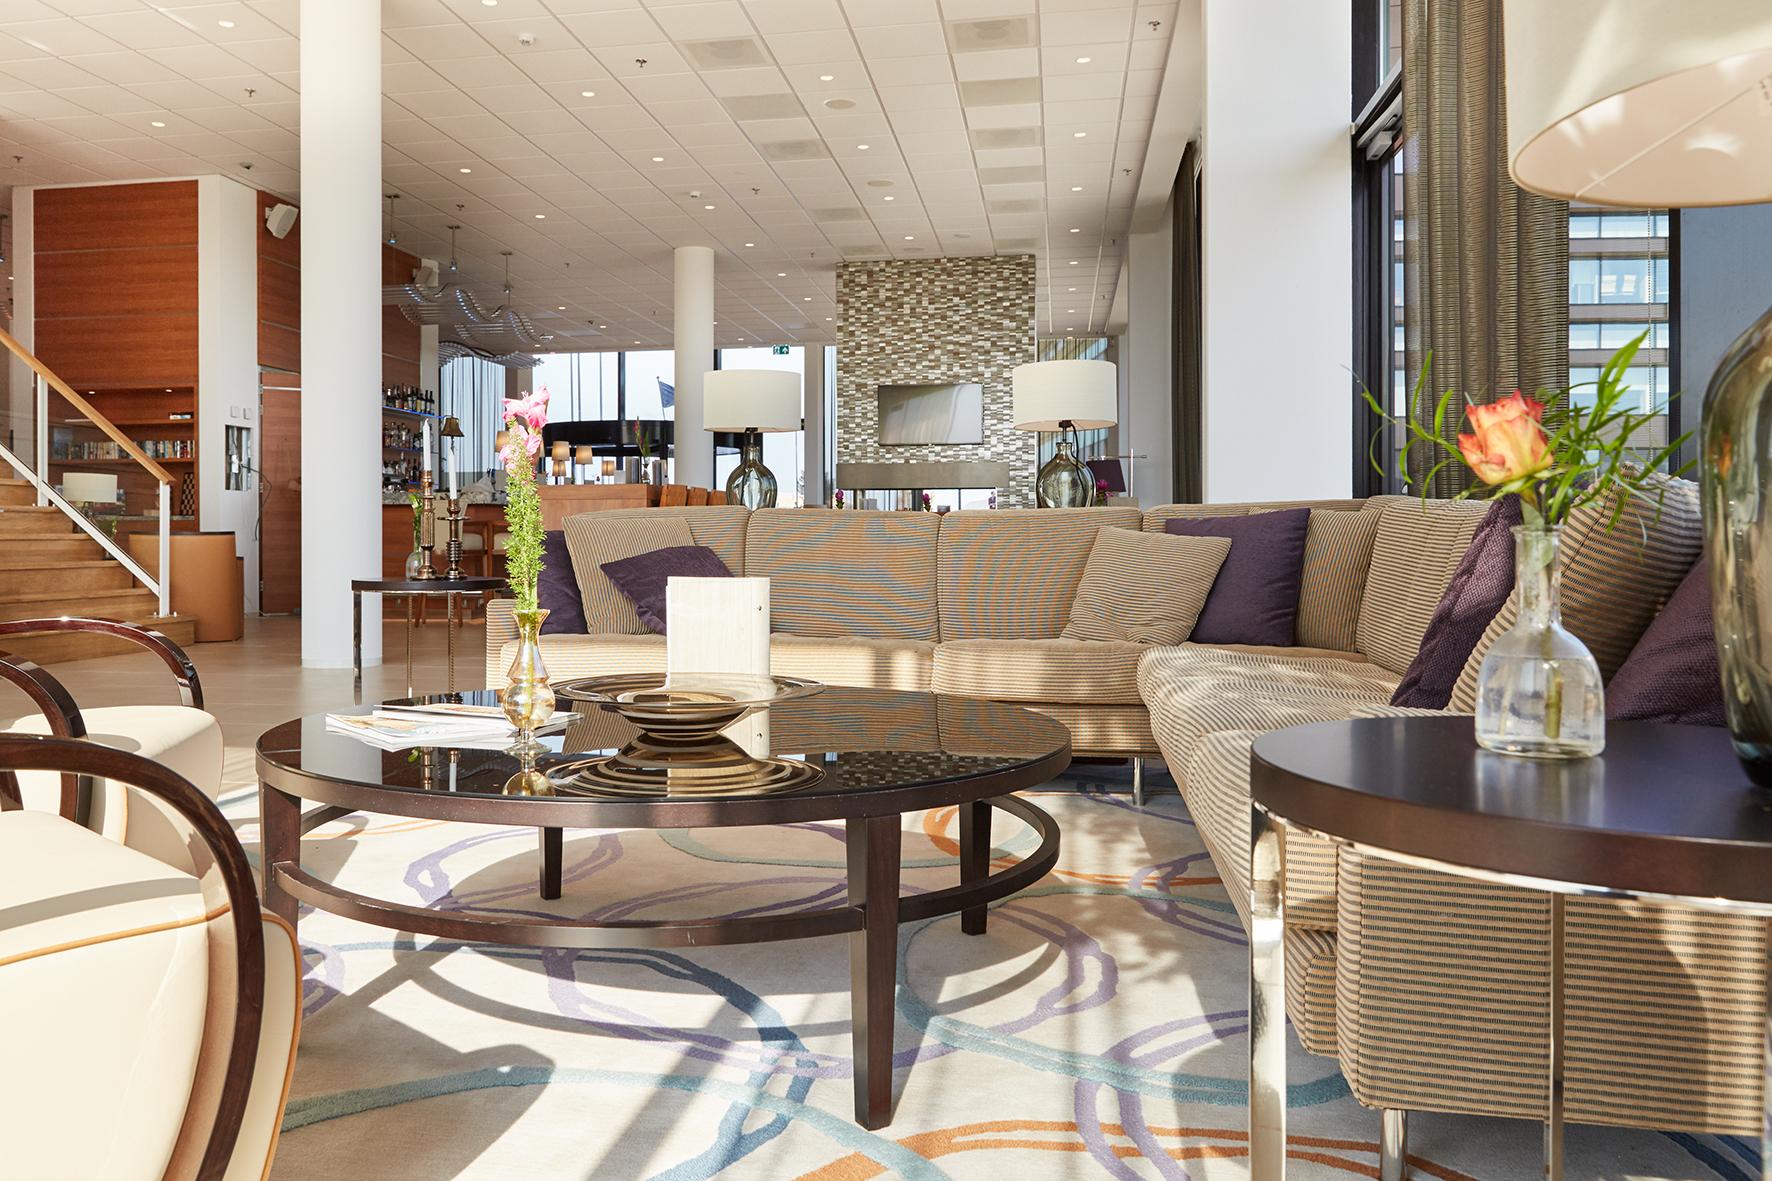 CSMART-Hotel-september-2016-24